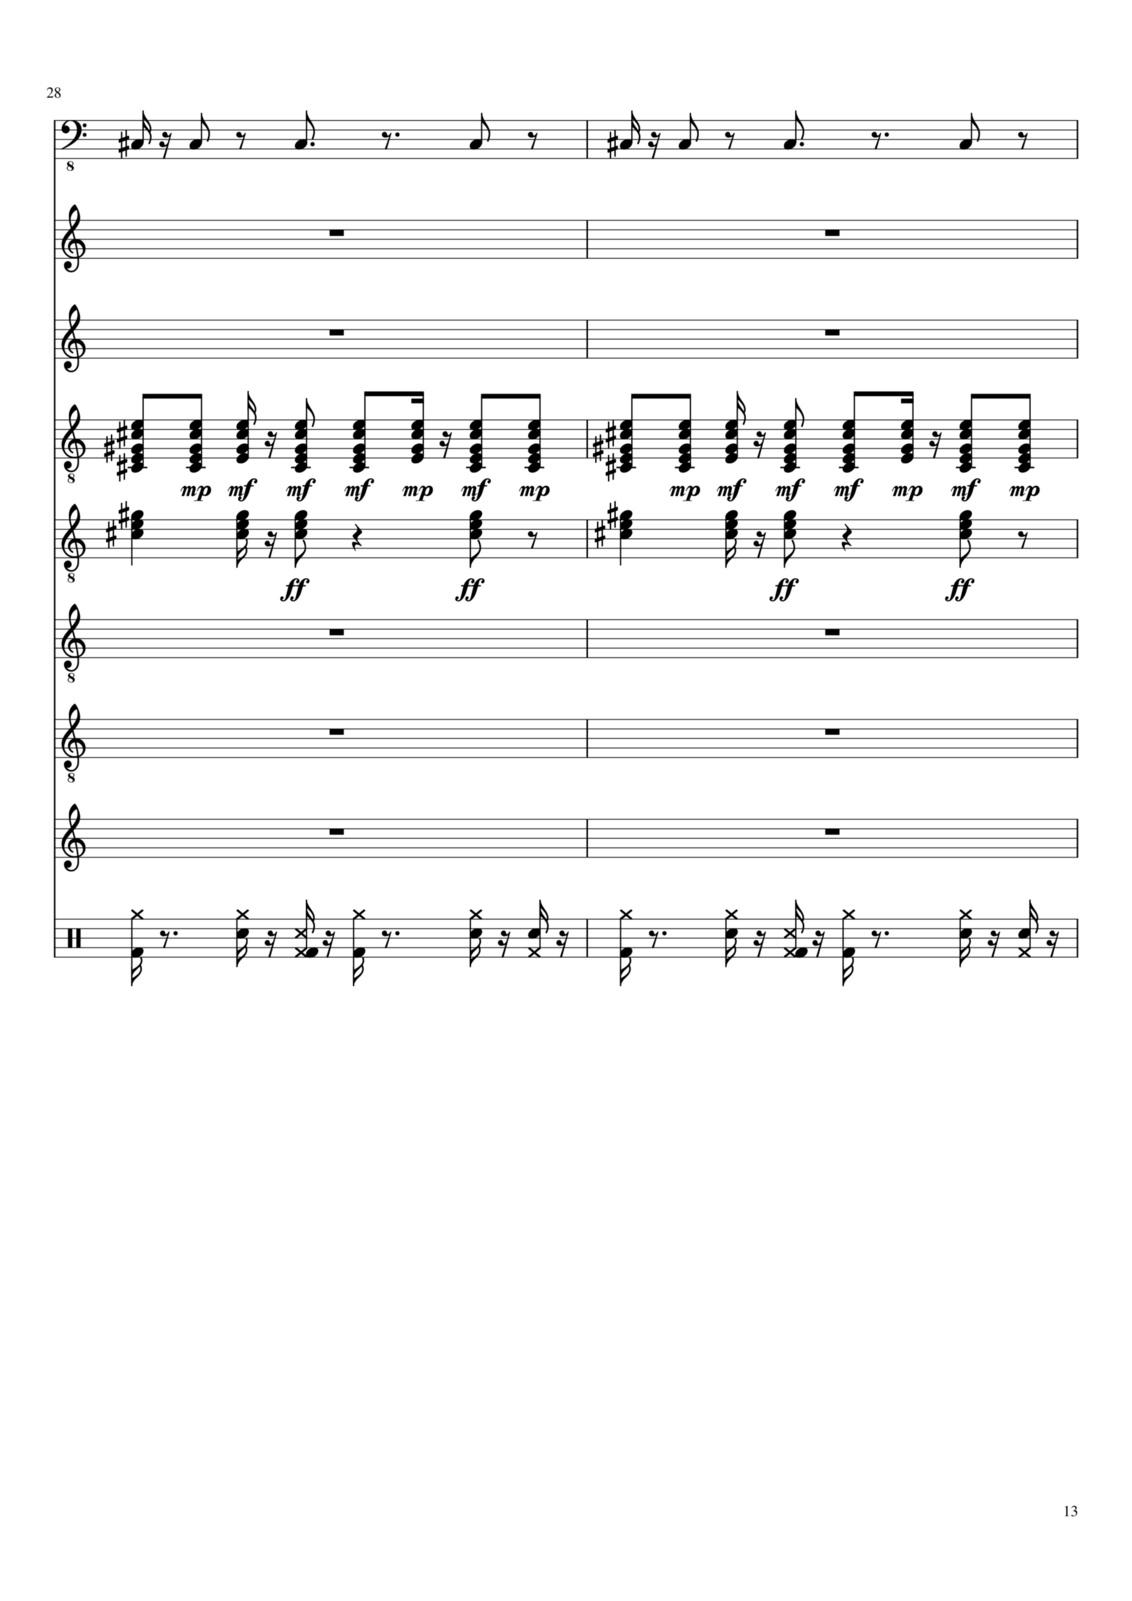 Serdtse slide, Image 13